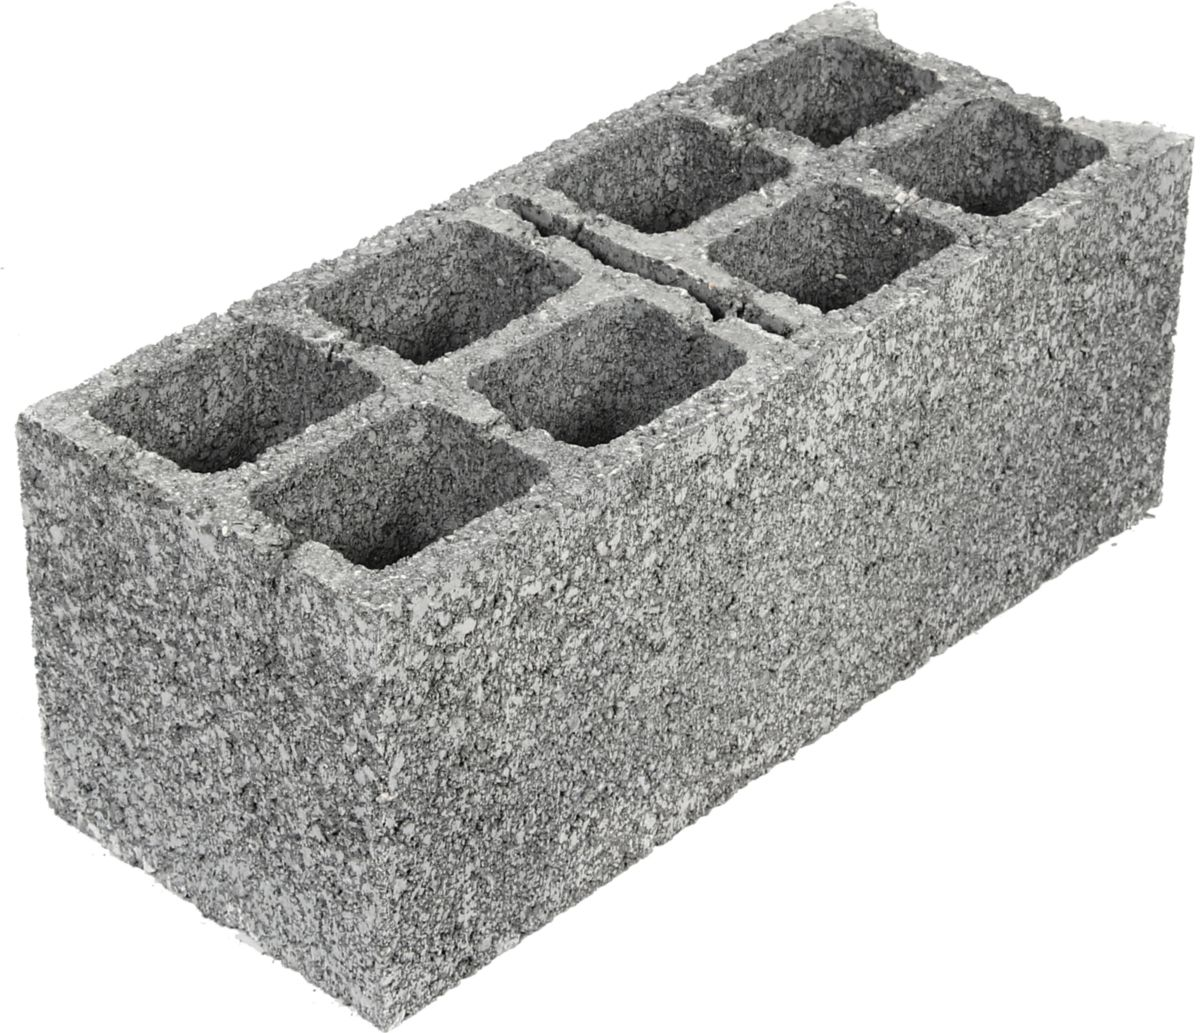 fabemi parpaing bloc creux b ton fabemi ce2 nf classe de r sistance b40 500x200x250 mm point p. Black Bedroom Furniture Sets. Home Design Ideas